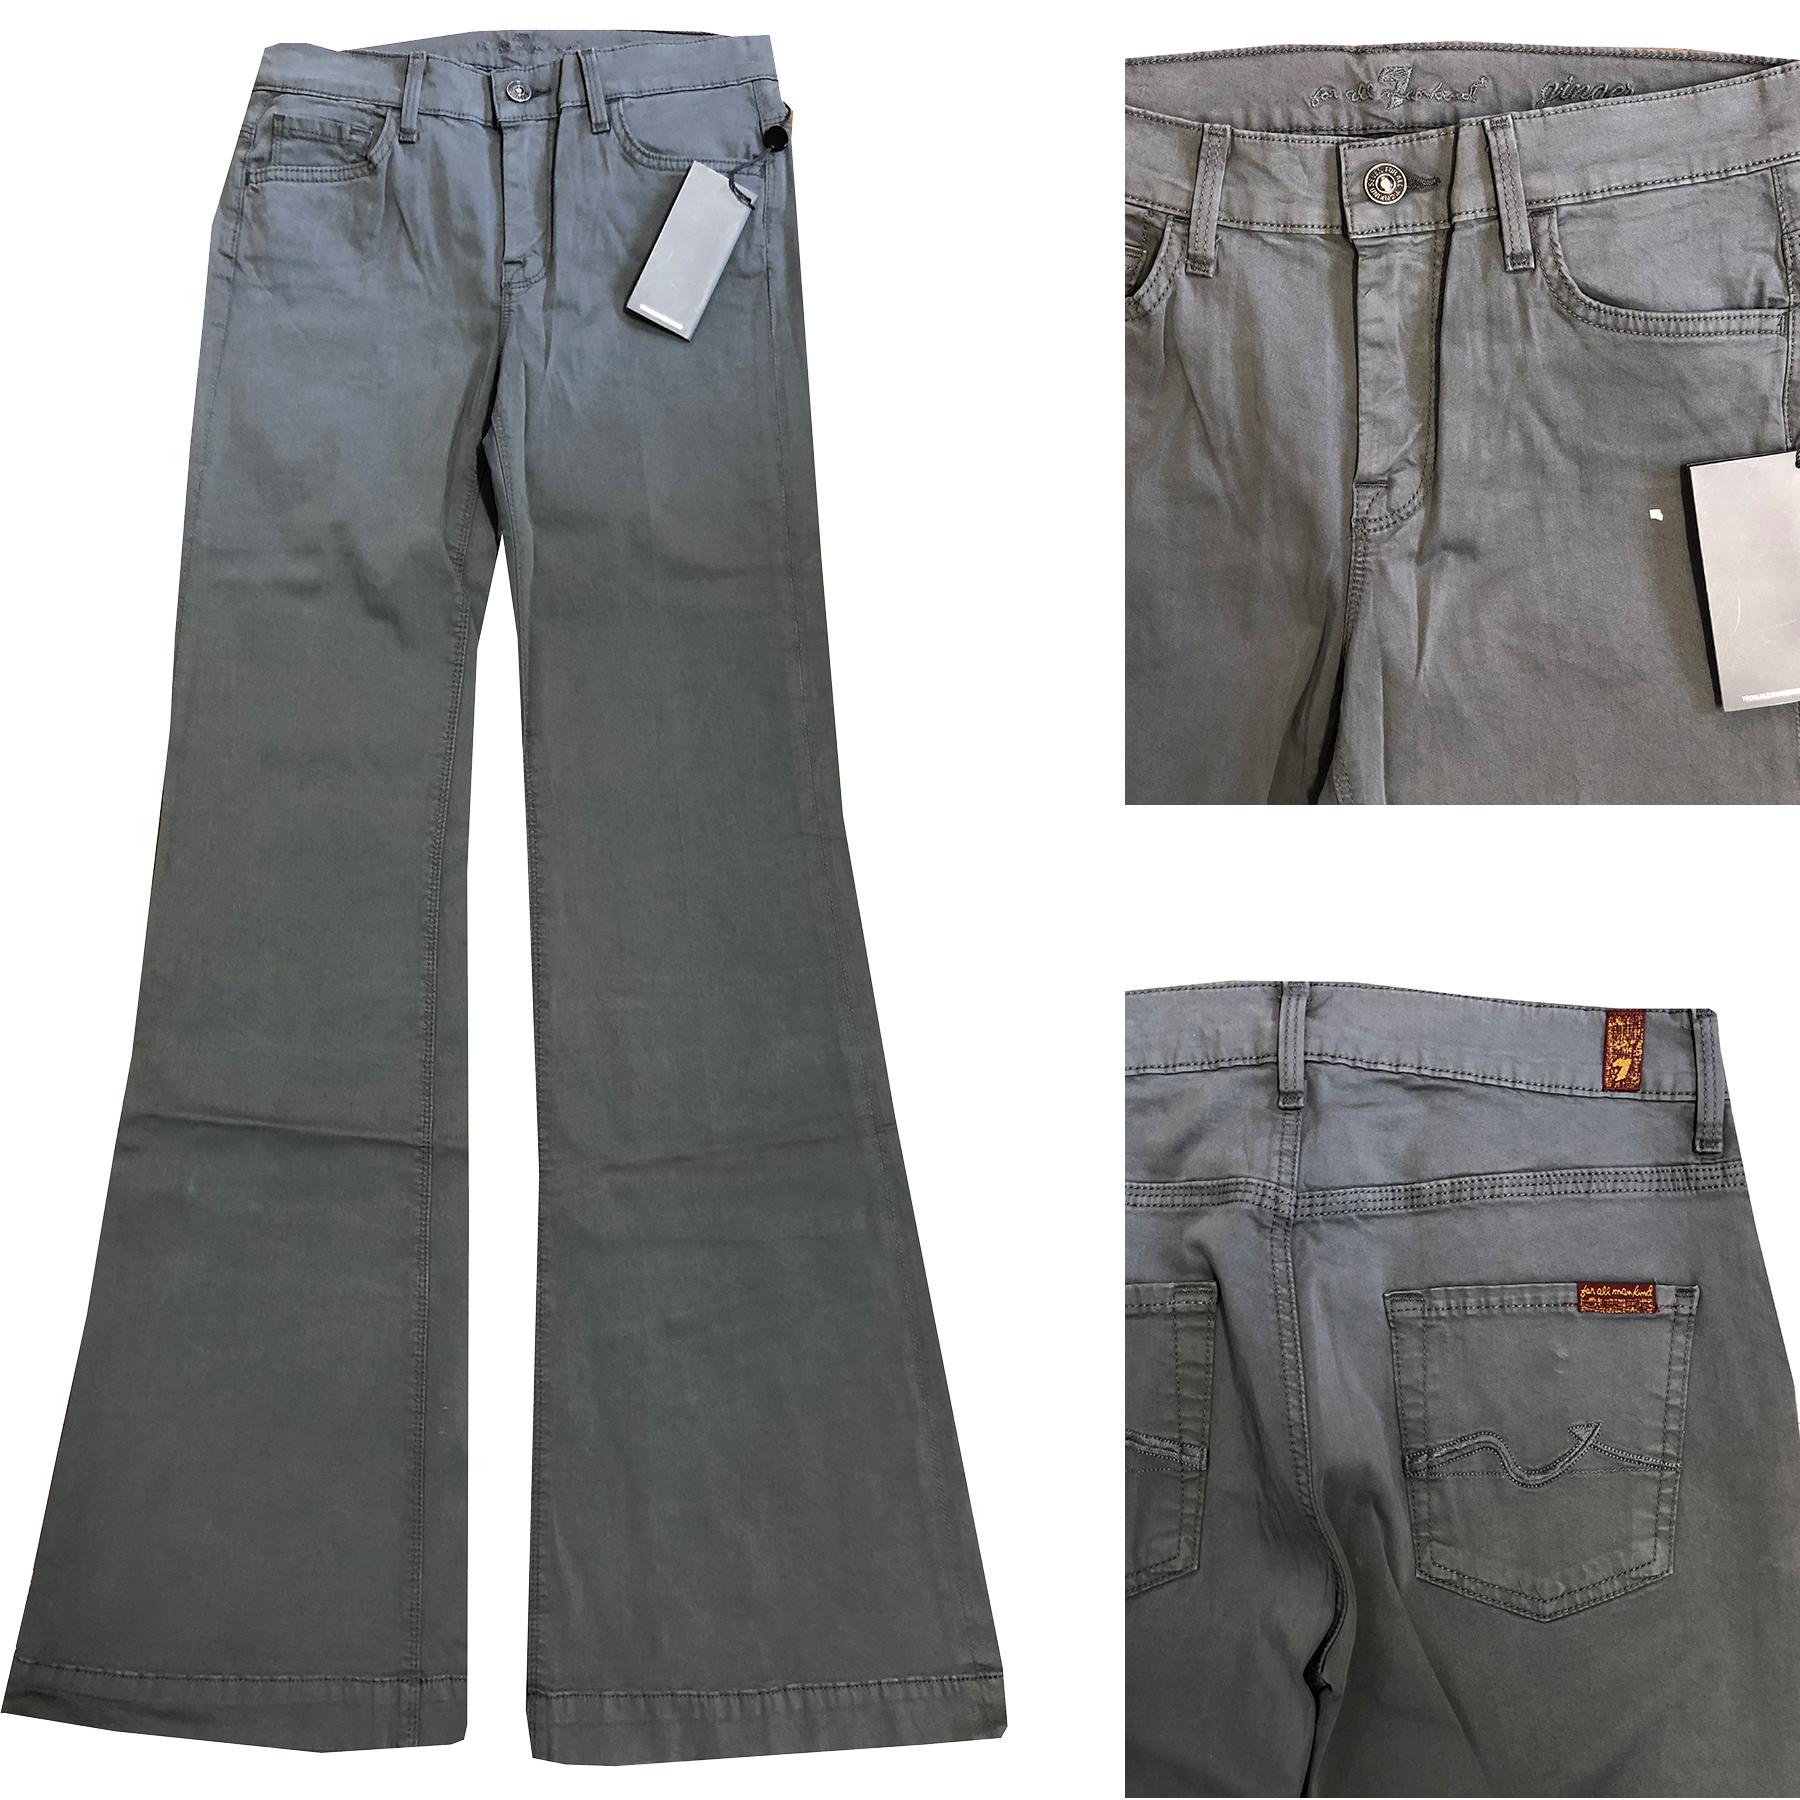 Damen Damenhose Hose Jeans NEU Seven 7 Blau Größe W26 W29 W30 W31 W33